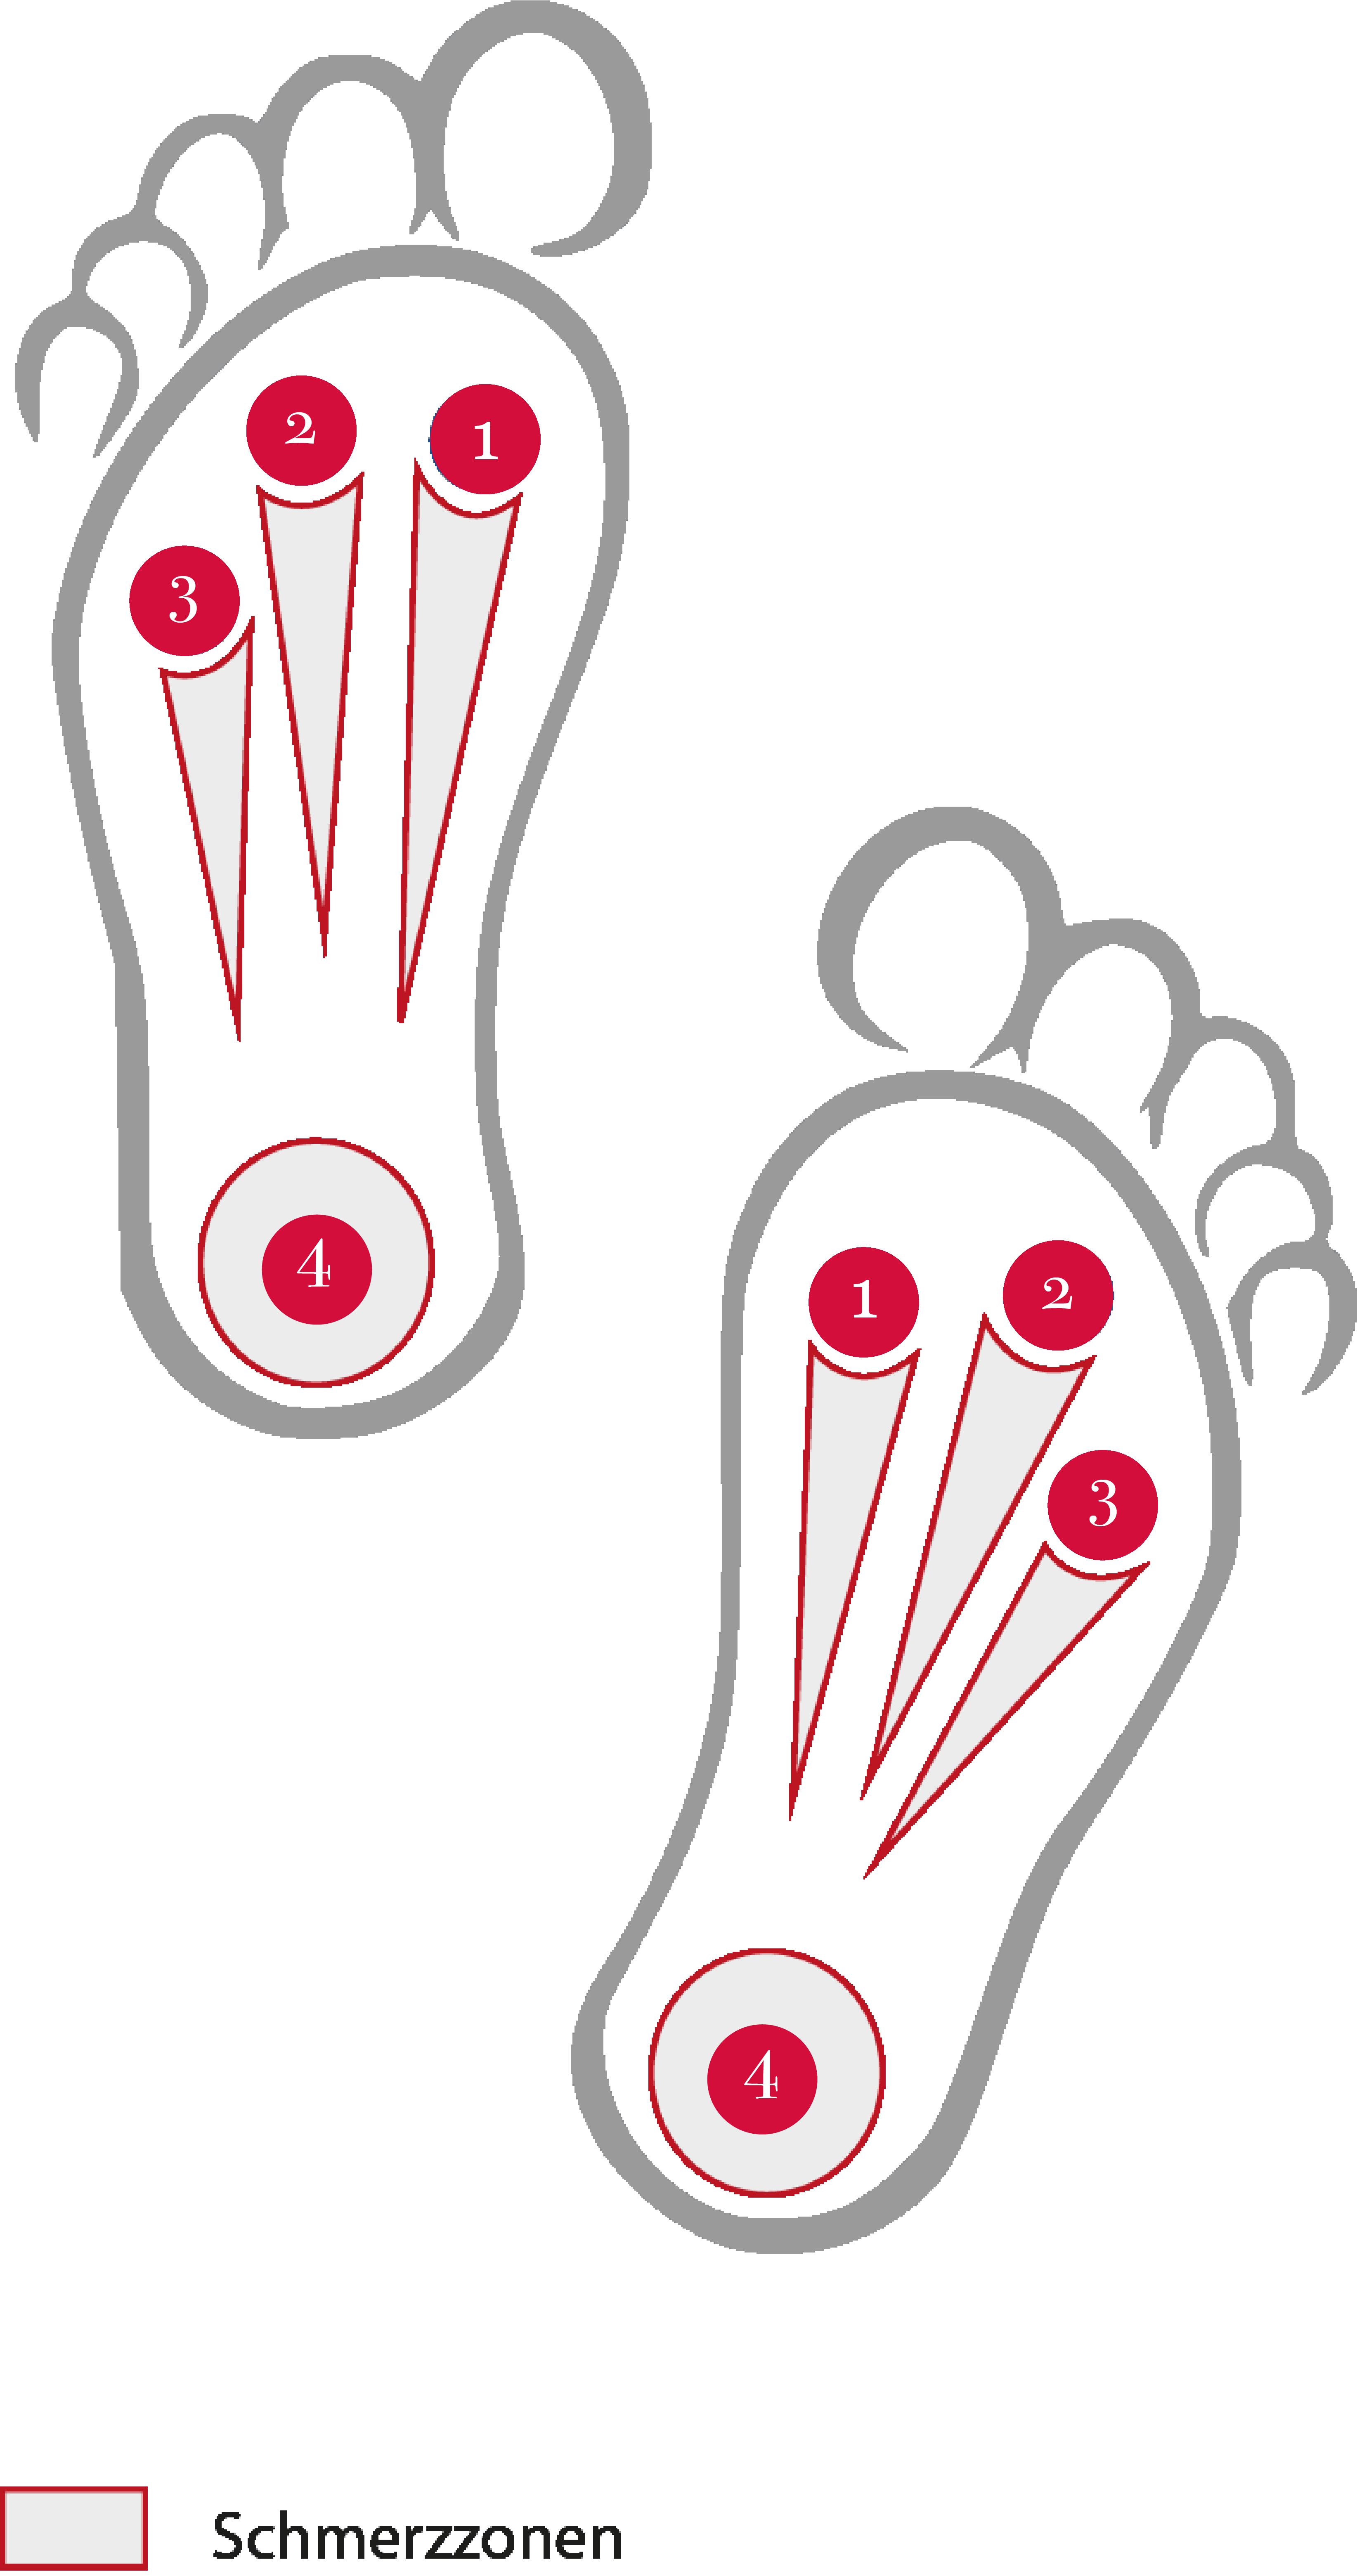 4 Schmerzpunkte am Fuß - Punkt 1 Großzehen Grundgelenk | Punkt 2 Mittelfußköpfchen | Punkt 3 Außenrand | Punkt 4 Ferse bzw Achillessehne